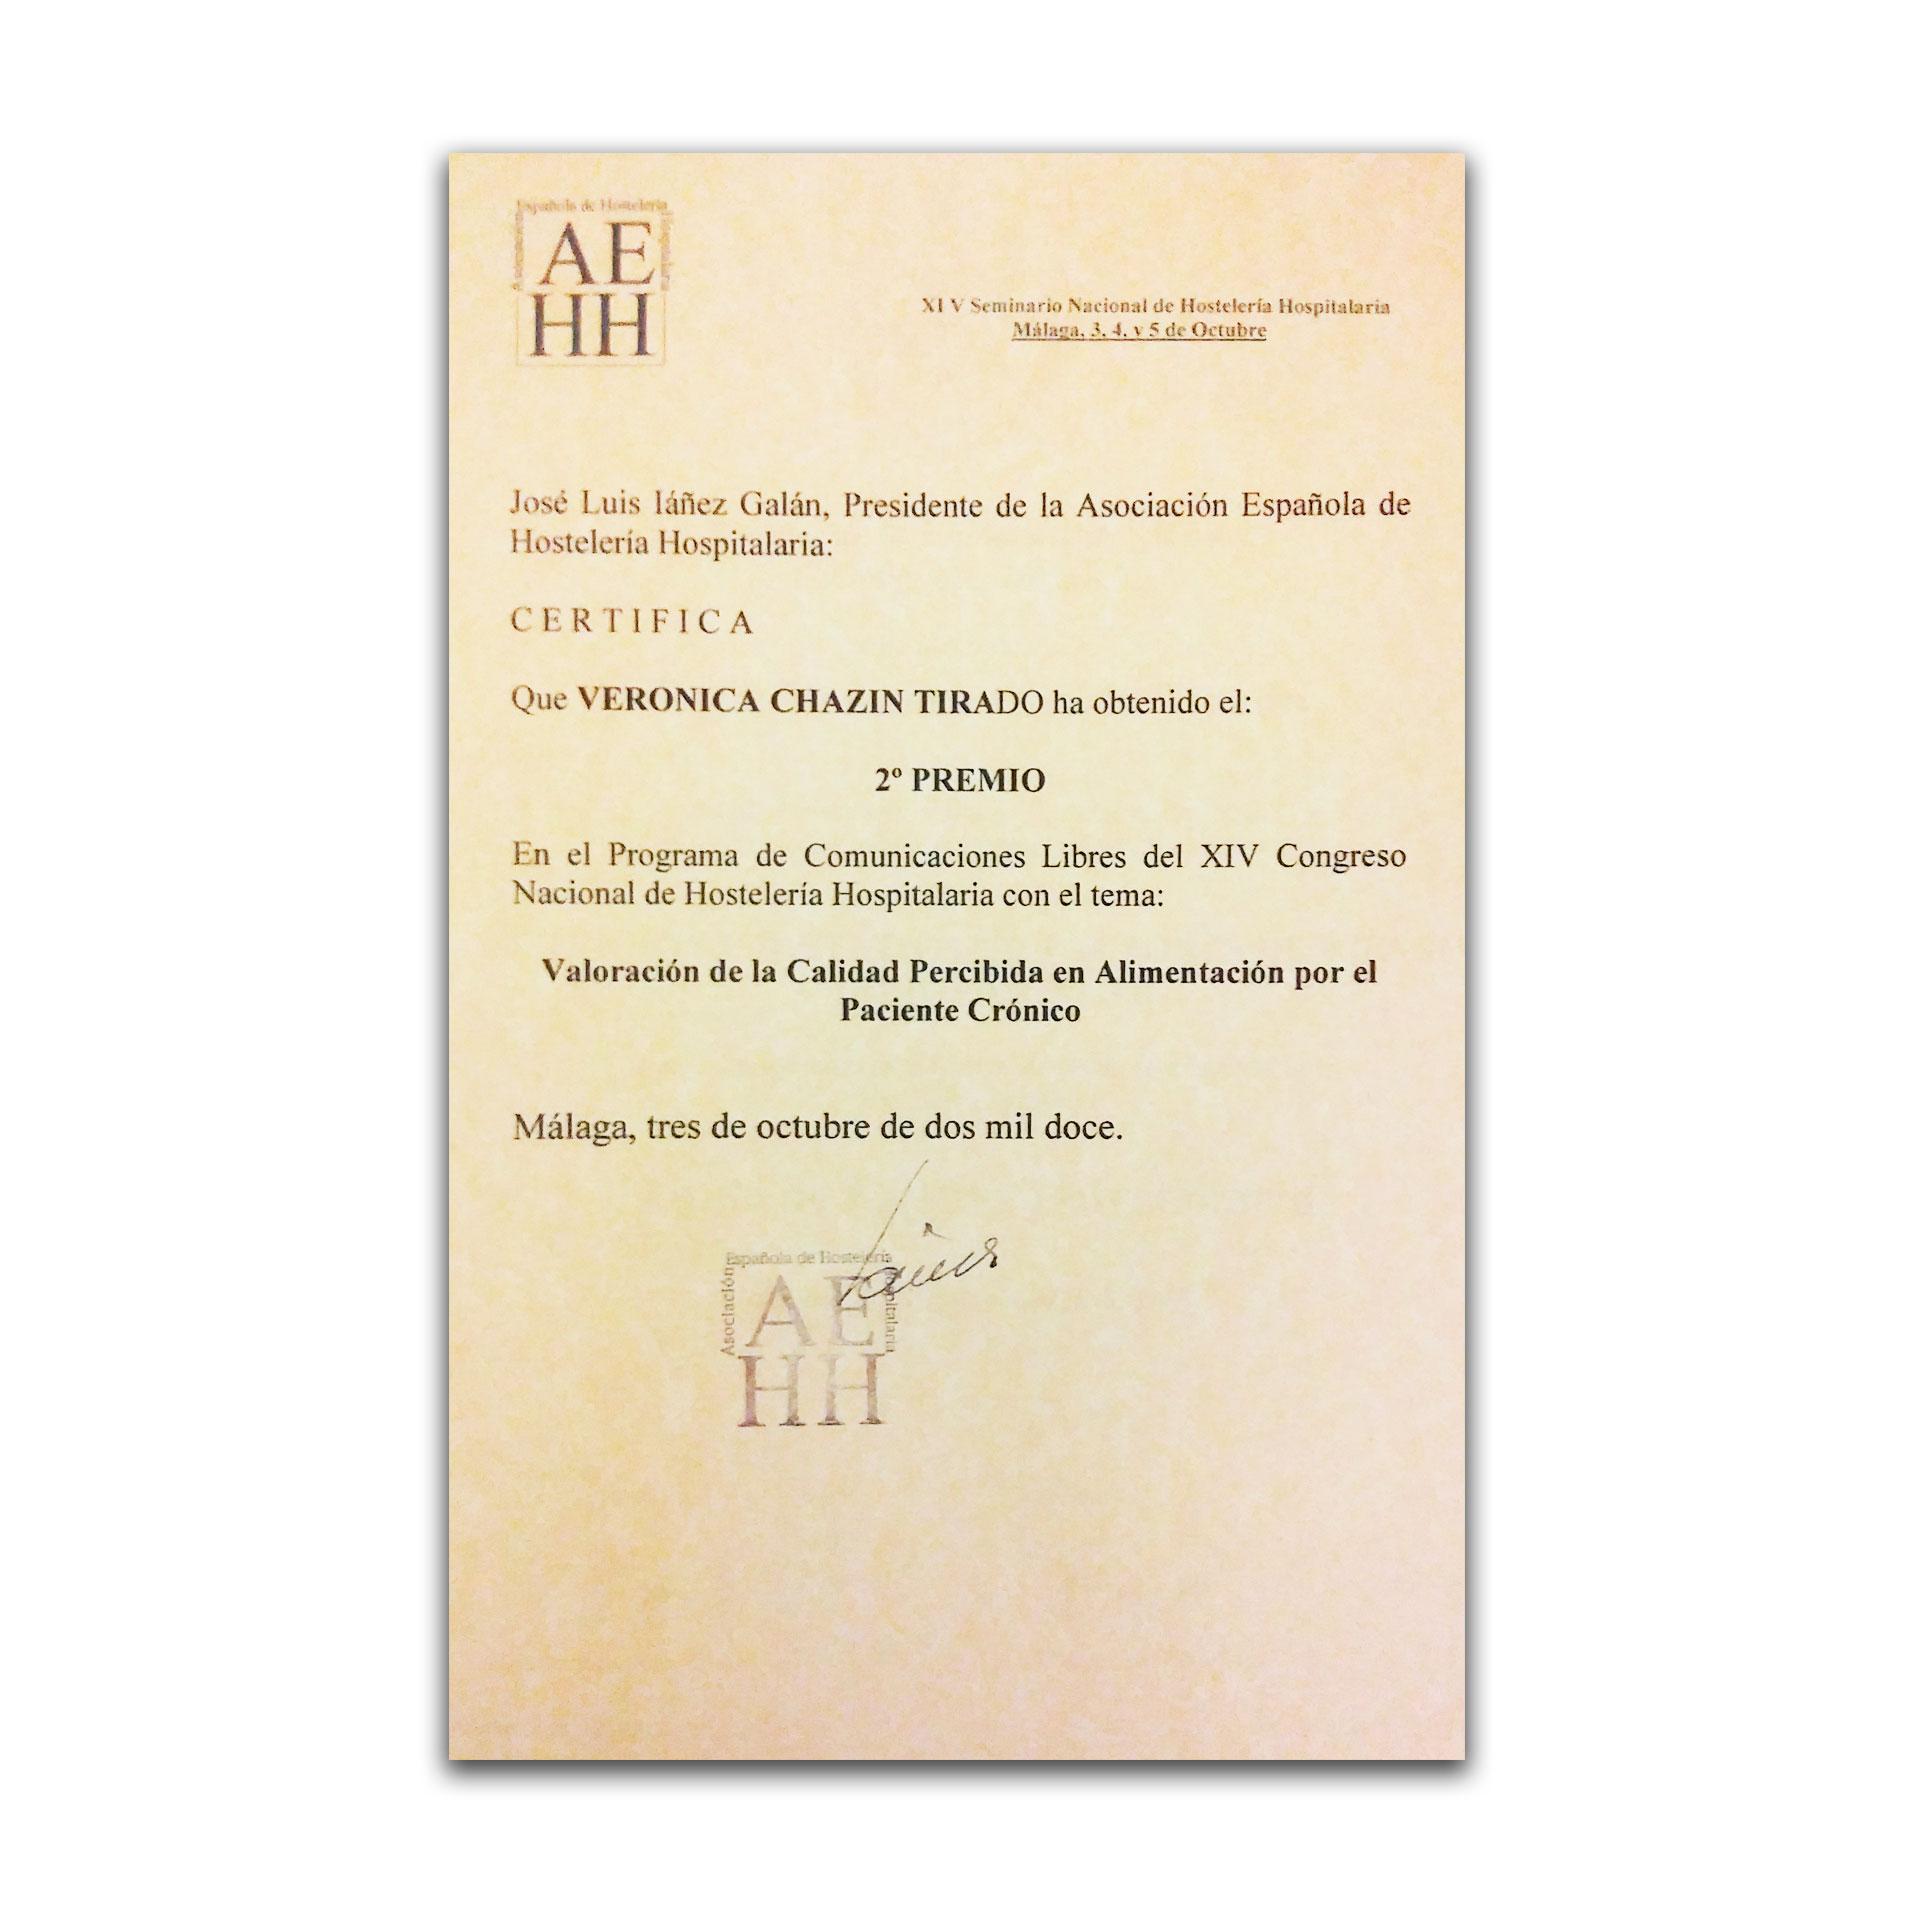 2º Premio XIV Congreso Nacional de Hostelería Hospitalaria. AEHH